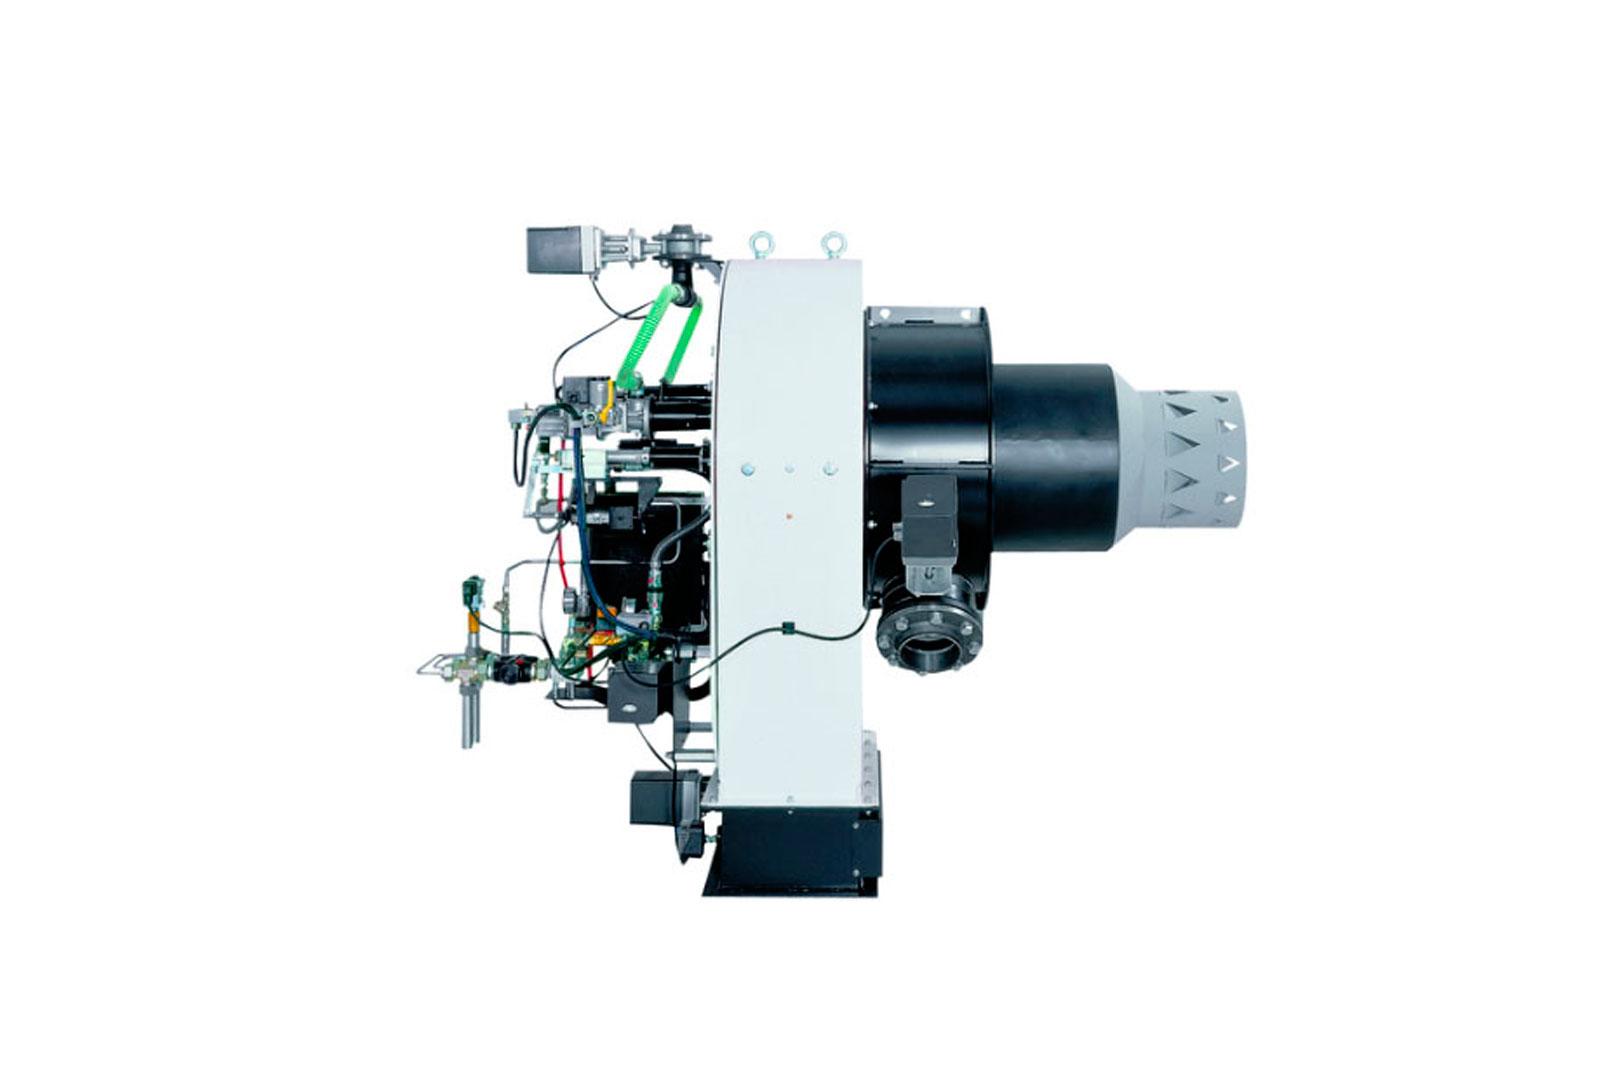 quemador-elco-duoblock-ek-duo-flamax-eficiencia-energetica-ppal